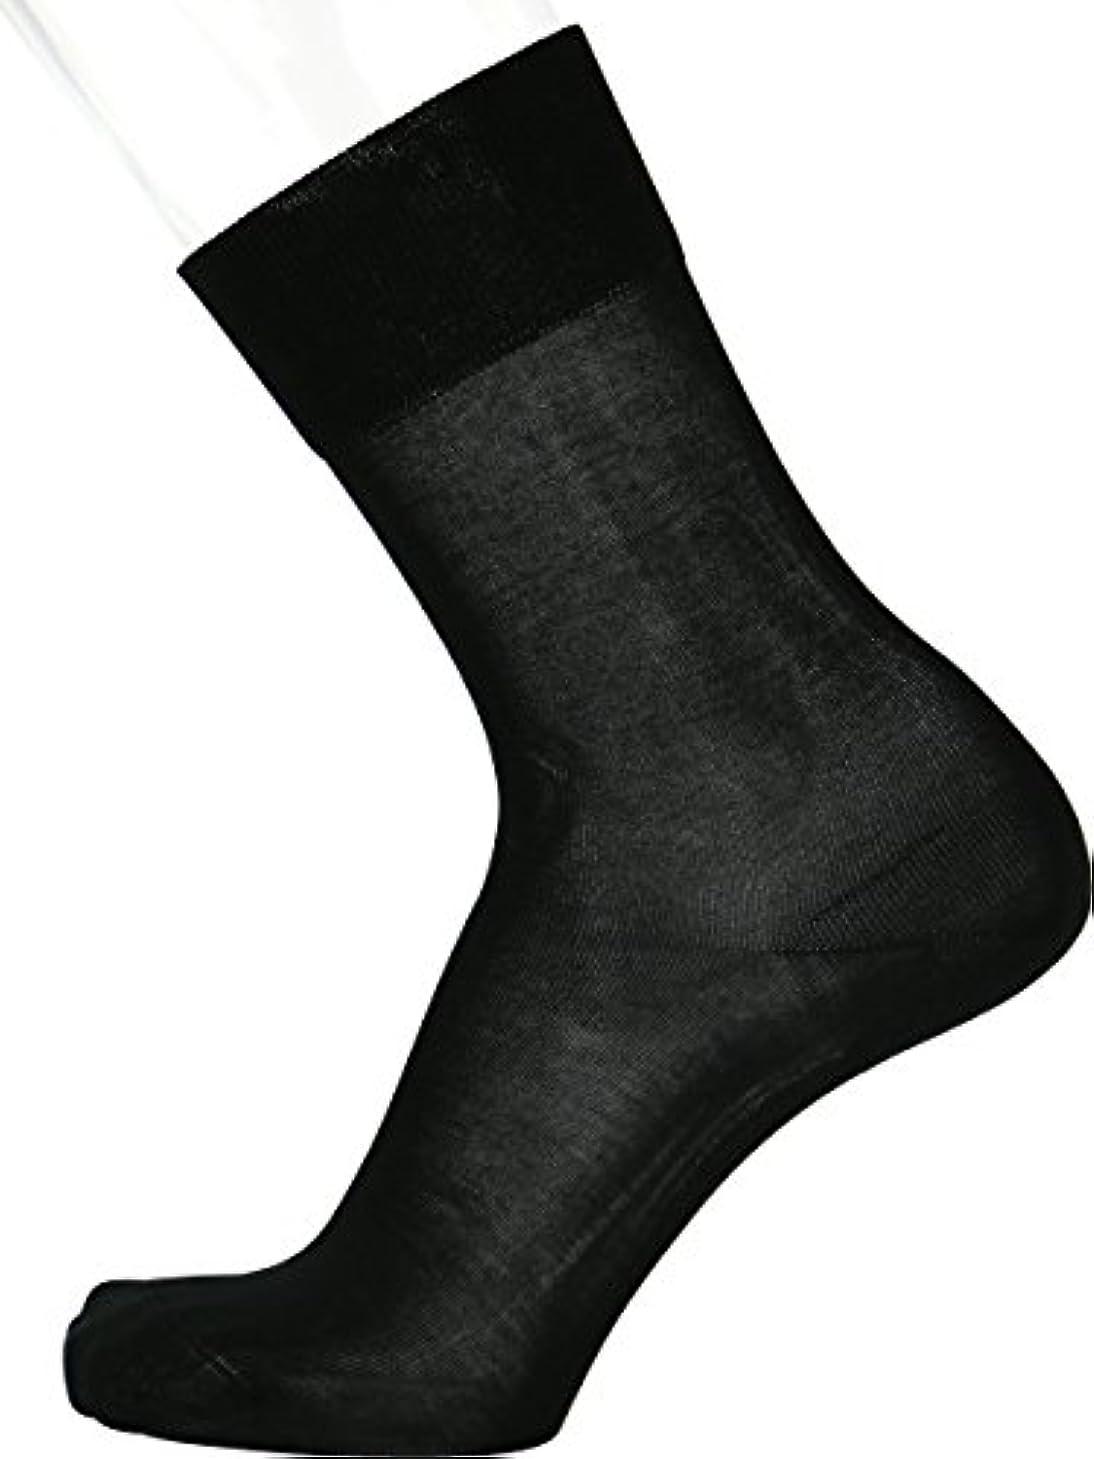 司法社会主義者常習的(ナイガイ)NAIGAI フォーマルソックス 冠婚葬祭 礼装用 紳士靴下 綿100%